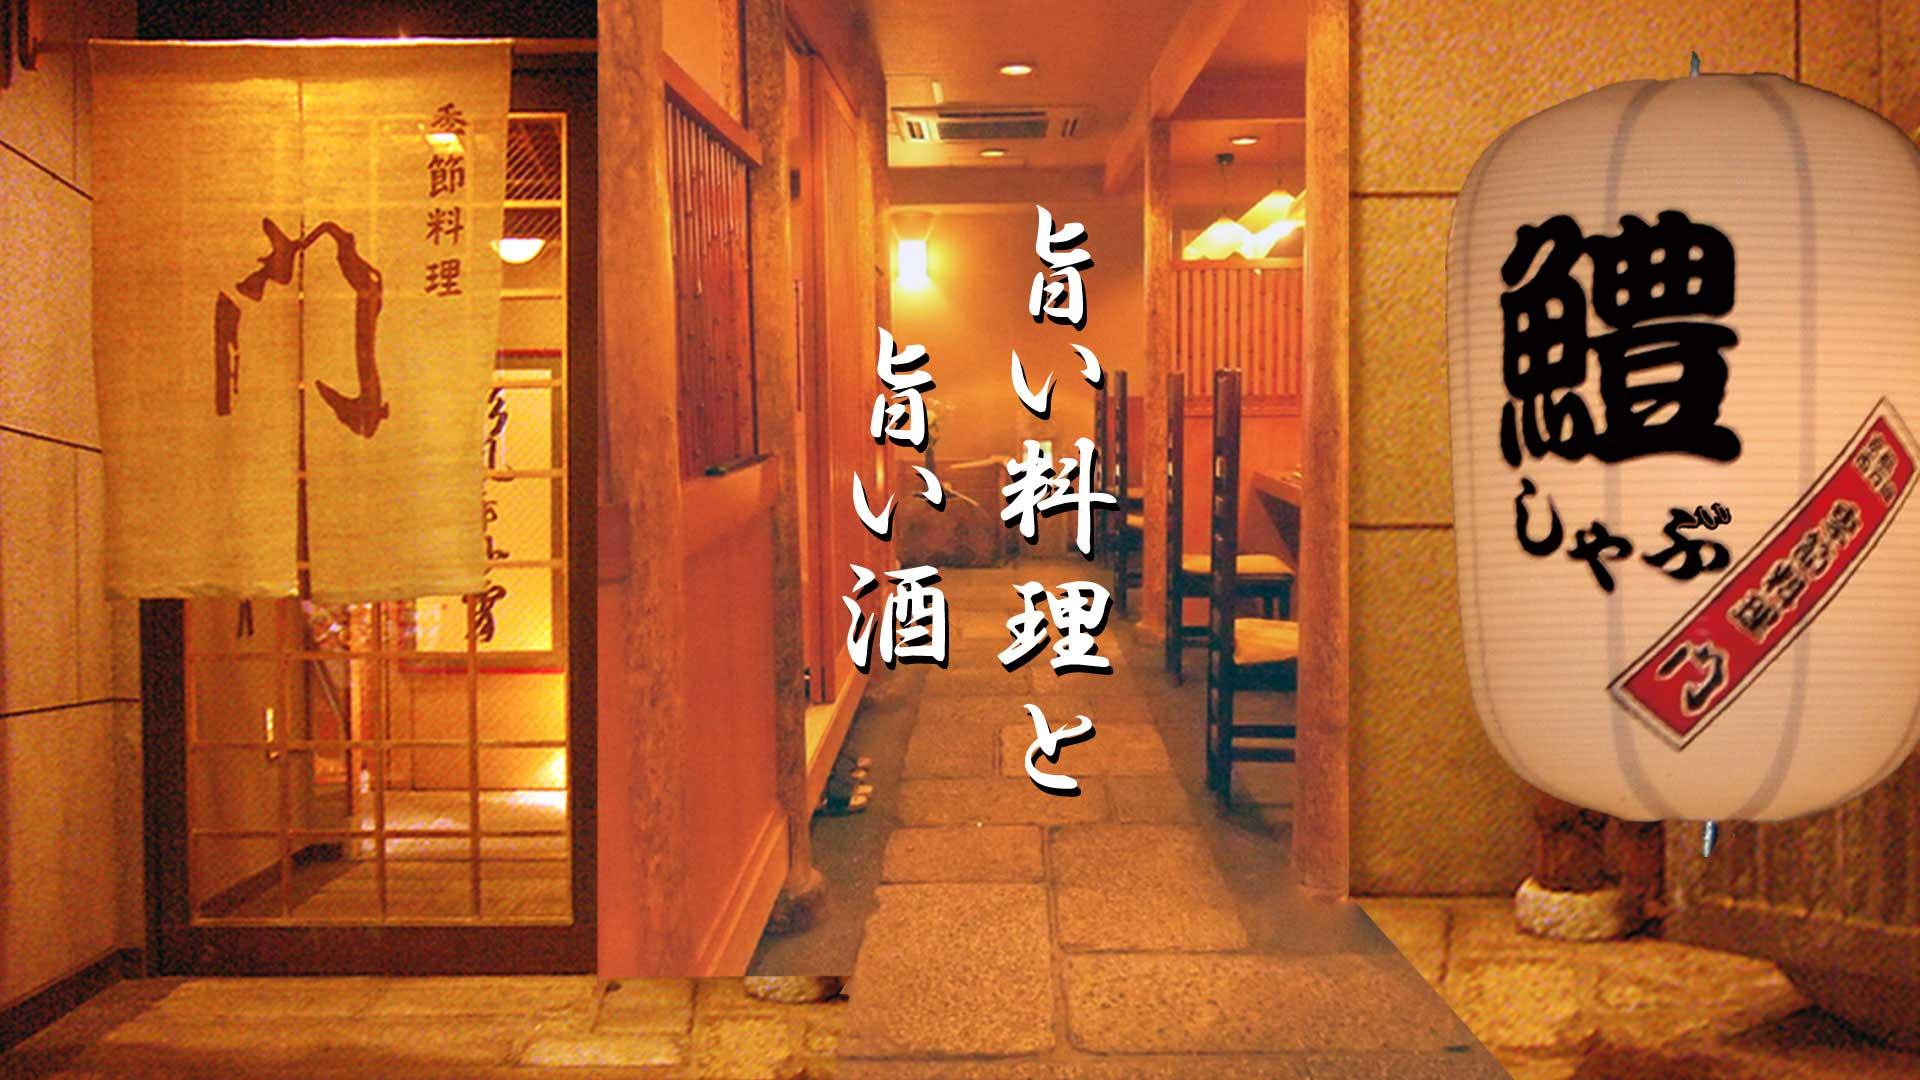 家食のテイクアウト(持ち帰り)や、旨いちゃんこ鍋は、京都百万遍 門へどうぞ。